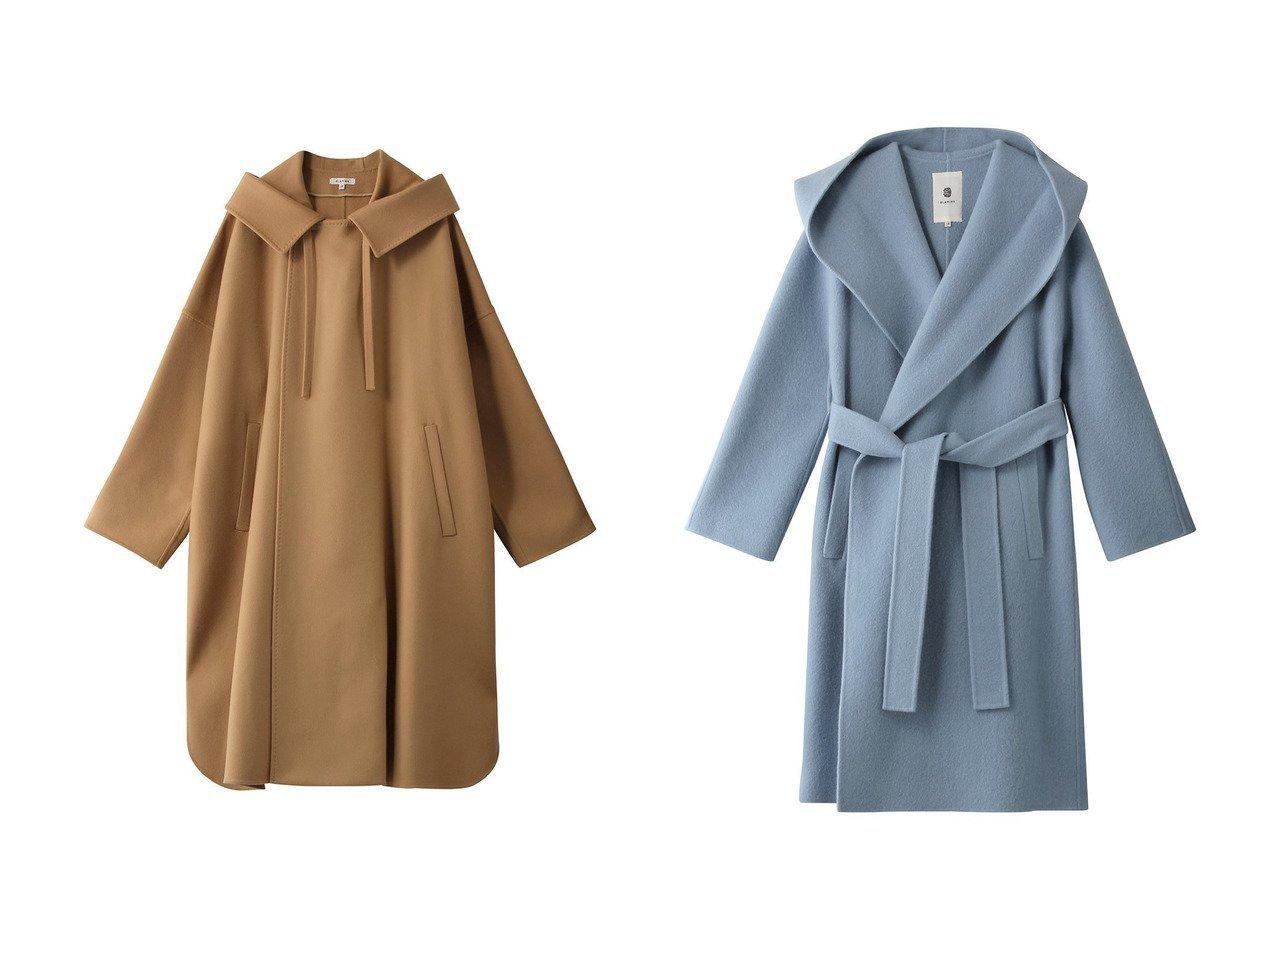 【BLAMINK/ブラミンク】のウールフードポンチョ&ウールモヘヤフードラップコート 【アウター】おすすめ!人気、トレンド・レディースファッションの通販 おすすめで人気の流行・トレンド、ファッションの通販商品 インテリア・家具・メンズファッション・キッズファッション・レディースファッション・服の通販 founy(ファニー) https://founy.com/ ファッション Fashion レディースファッション WOMEN アウター Coat Outerwear ポンチョ Ponchos コート Coats 2021年 2021 2021-2022秋冬・A/W AW・Autumn/Winter・FW・Fall-Winter・2021-2022 A/W・秋冬 AW・Autumn/Winter・FW・Fall-Winter シンプル スリット 秋 Autumn/Fall モヘア |ID:crp329100000055109